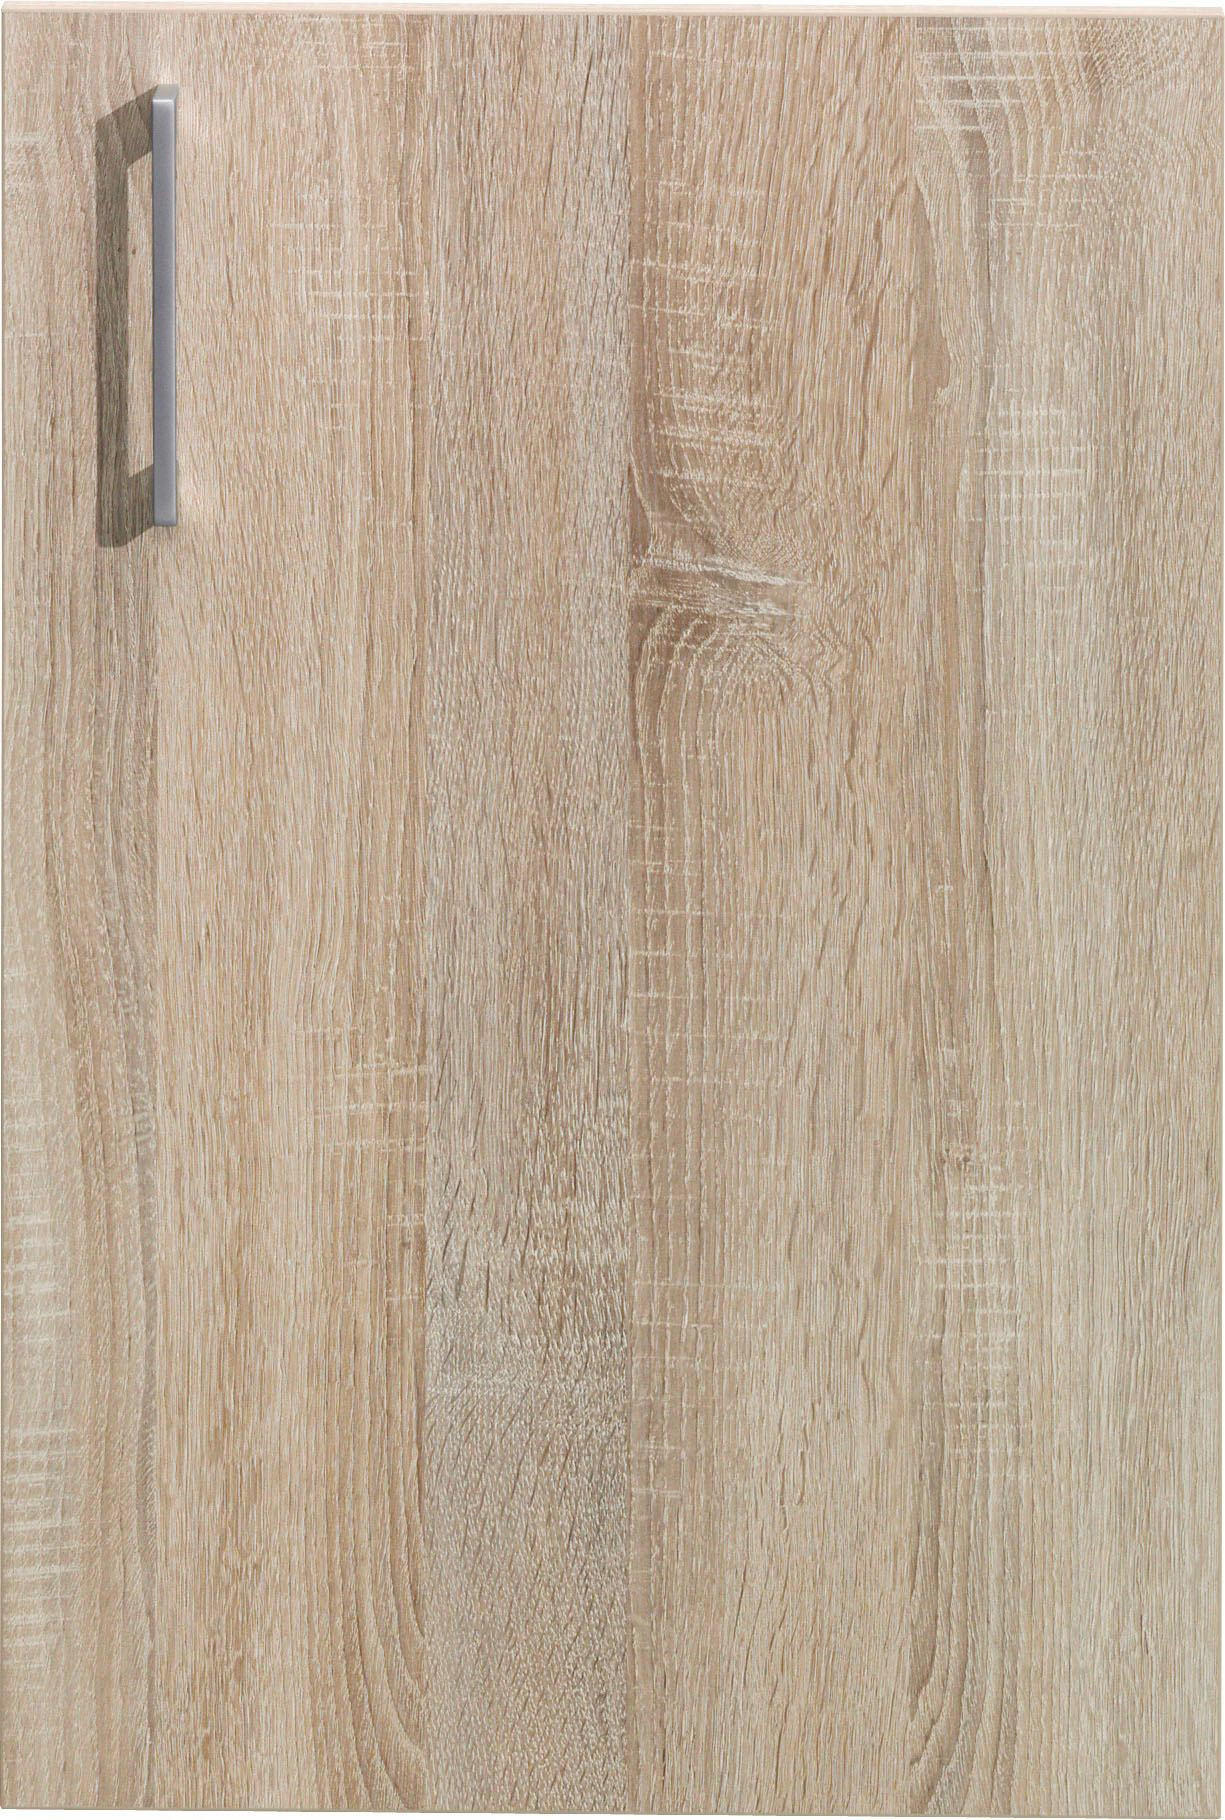 TÜR 43/64/1,5 cm Eichefarben - Eichefarben/Silberfarben, Design, Kunststoff (43/64/1,5cm) - CS SCHMAL